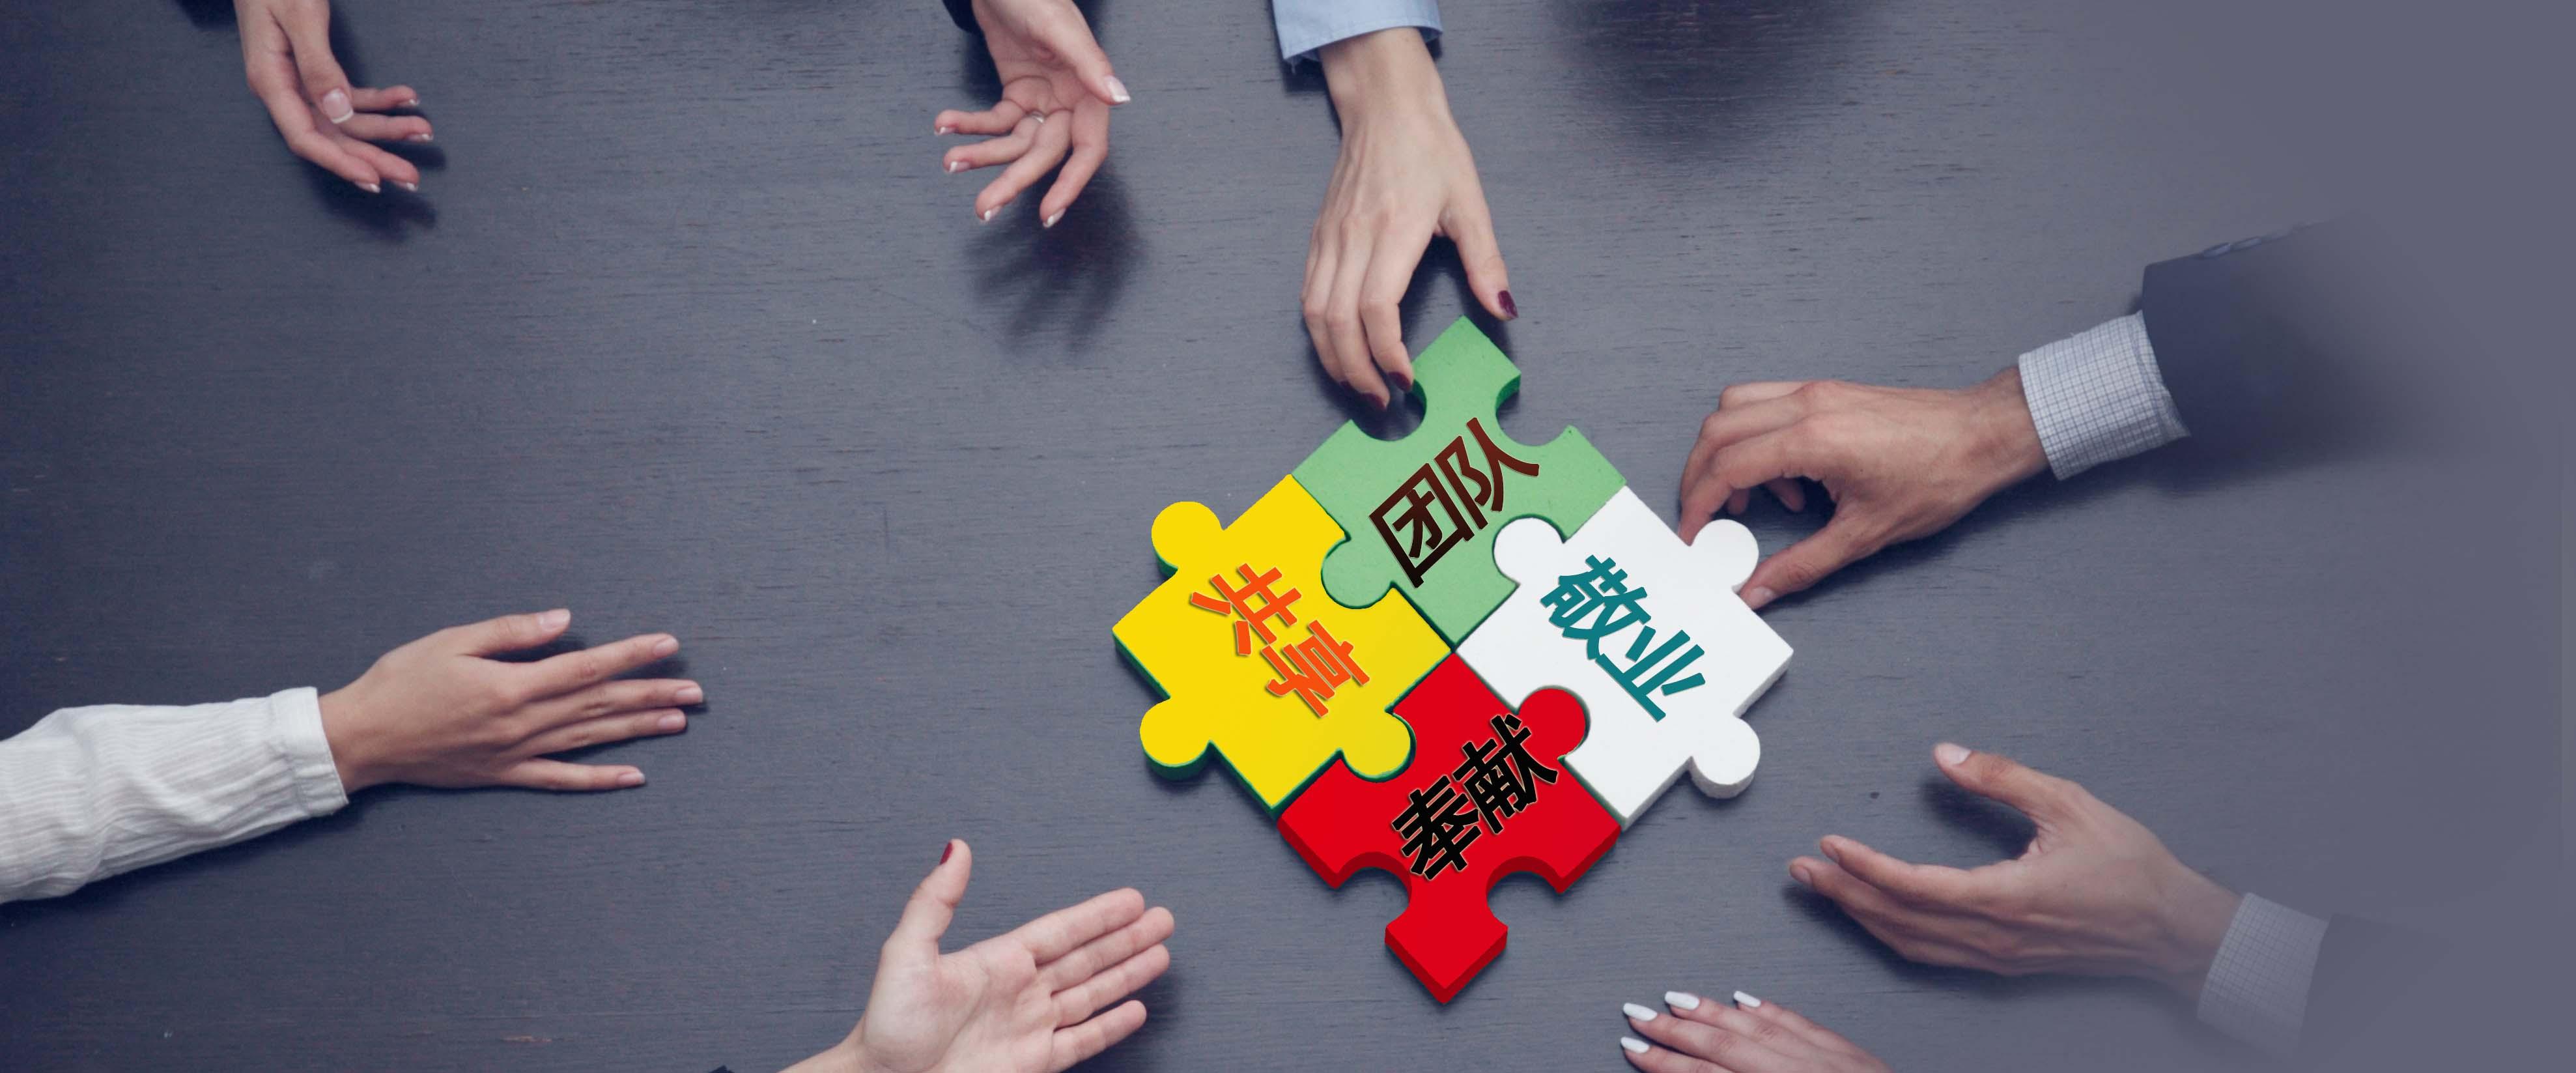 福建天盛恒达声学材料科技有限公司企业文化